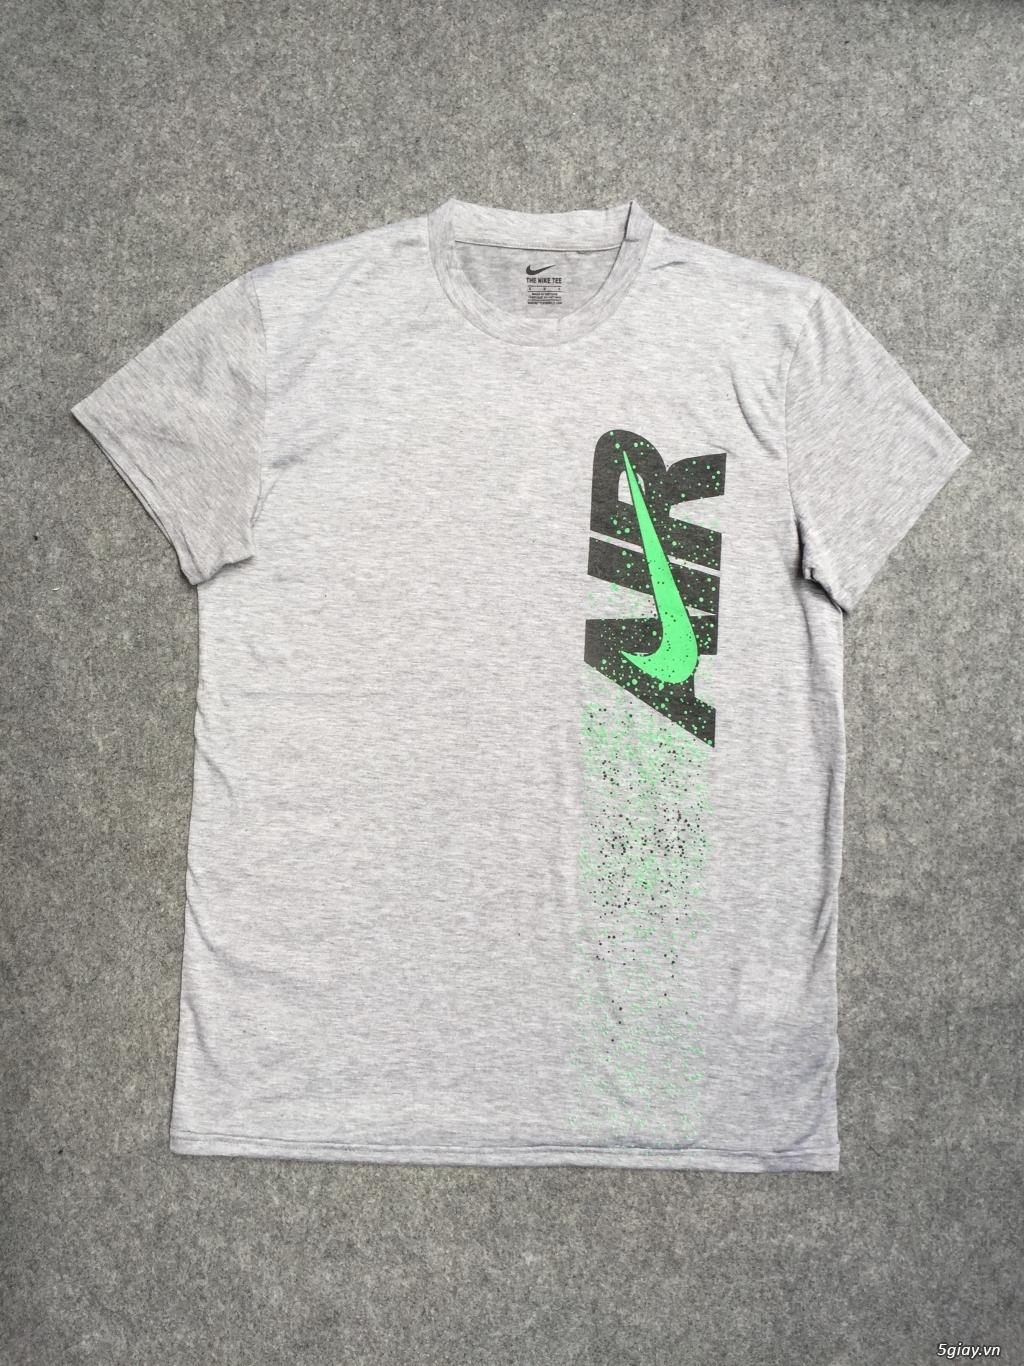 Chuyên bán Sĩ và Lẽ quần áo Nam Nữ :AJ ,LEVI'S, DIESEL, CK..giá tốt www.zannyshop.com - 27